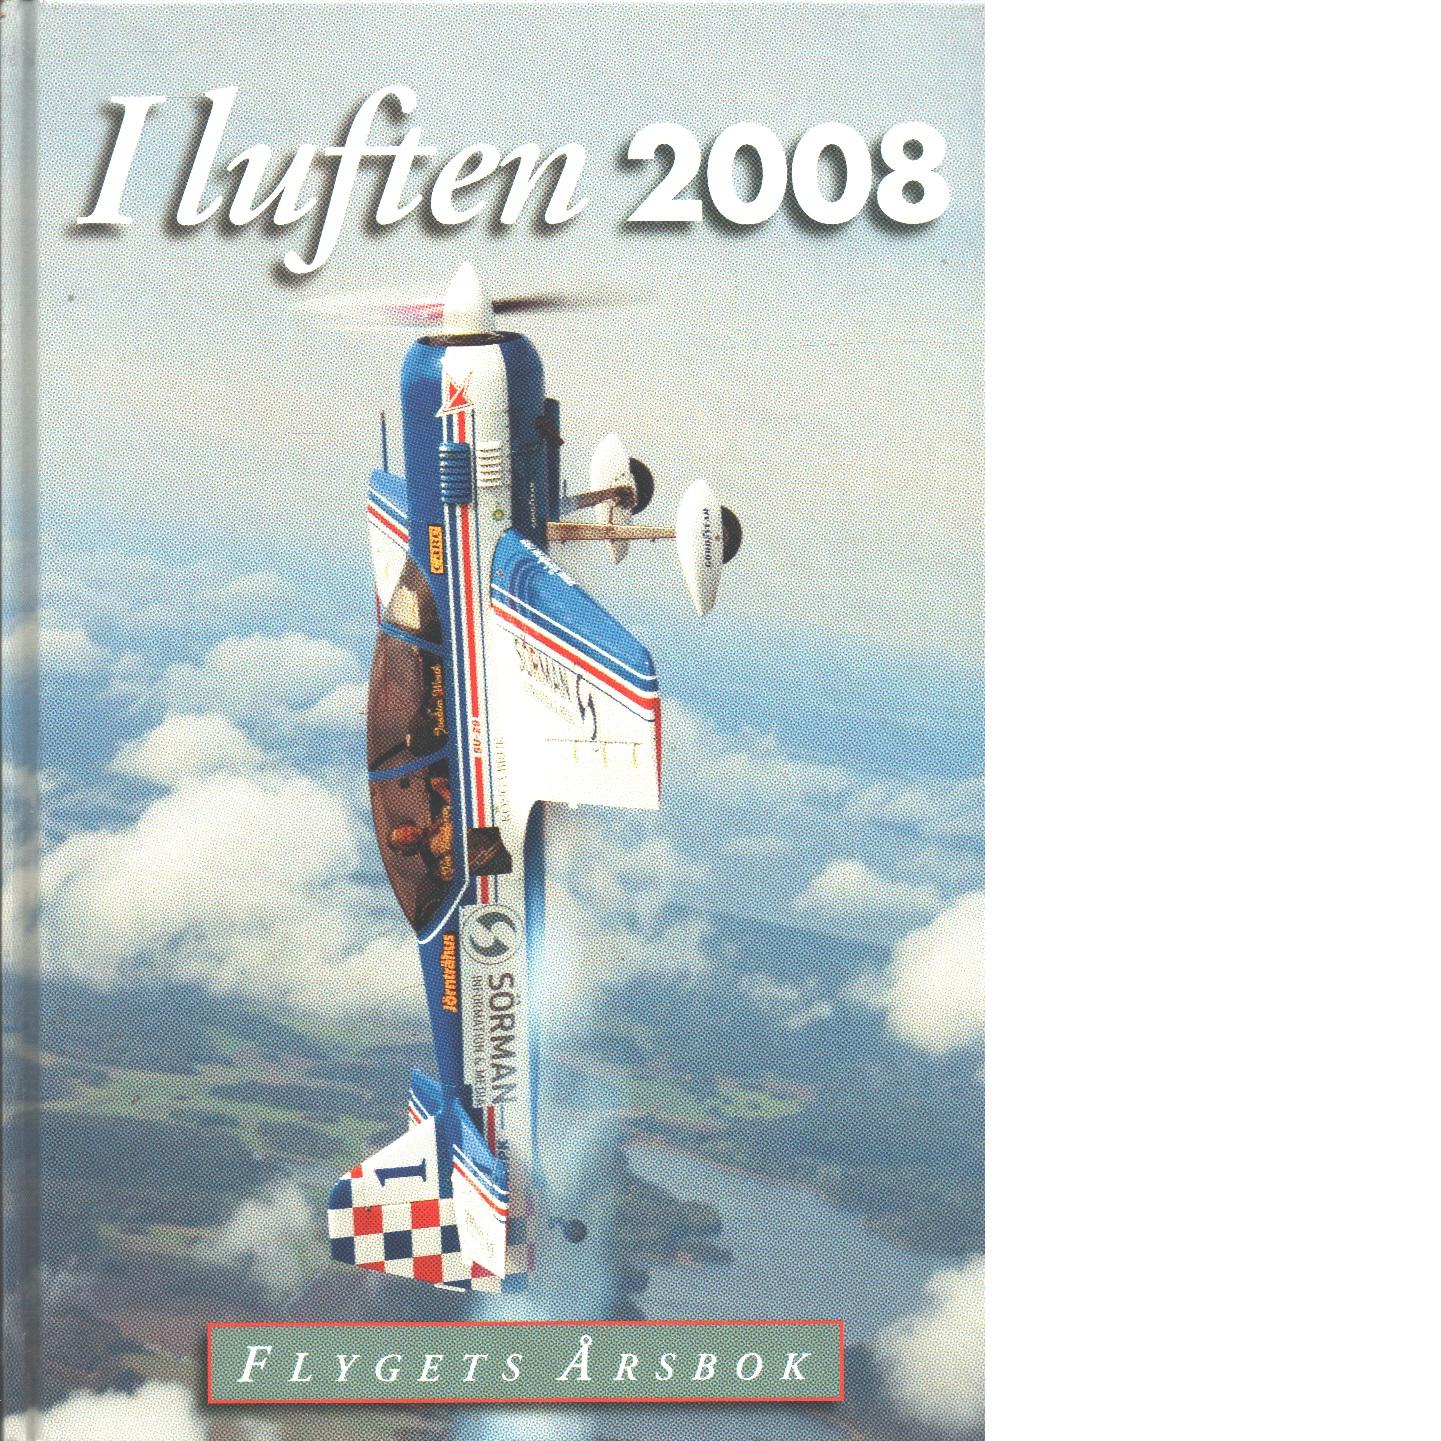 I LUFTEN FLYGETS ÅRSBOK 2008 - Red.